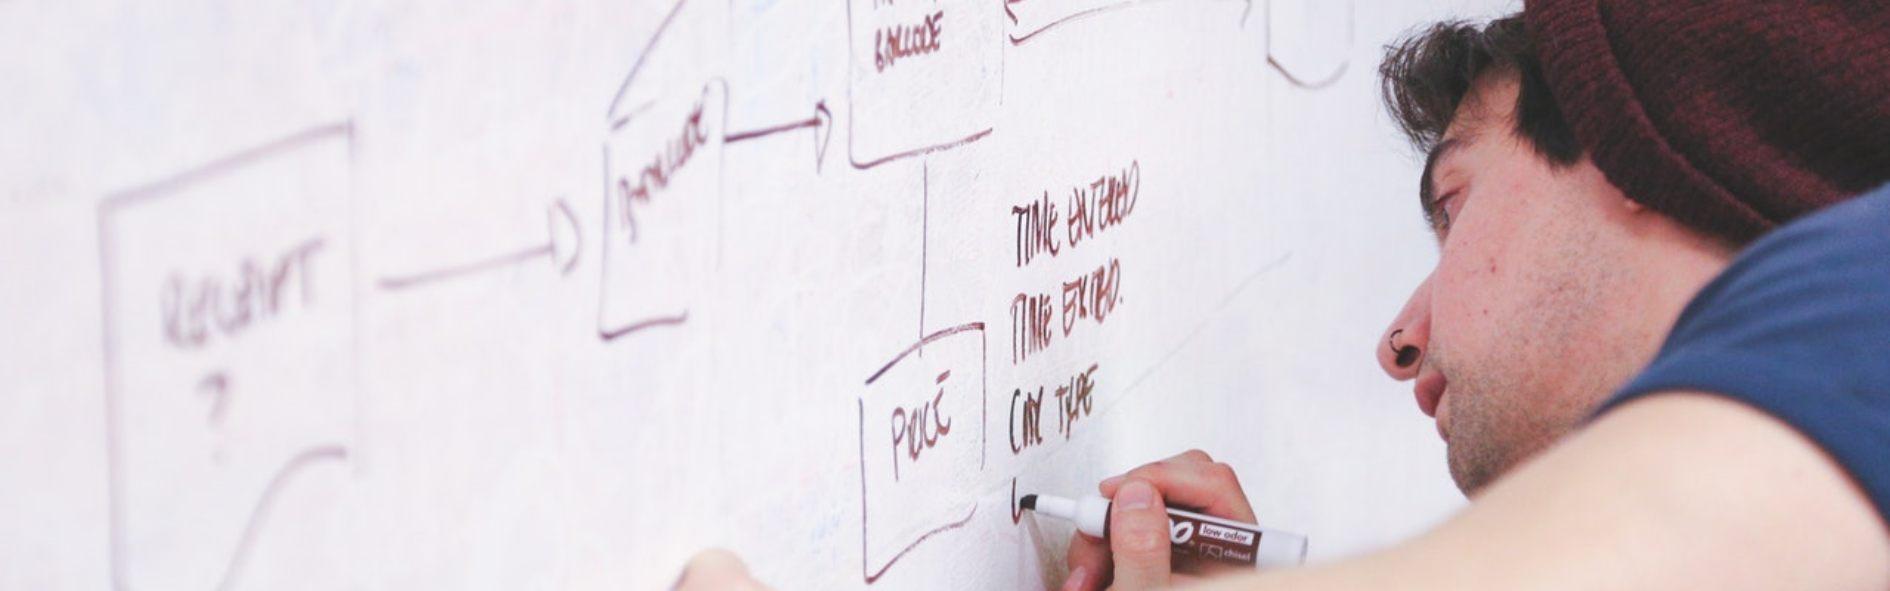 Descubre el mapa de procesos y cómo elaborar uno paso a paso